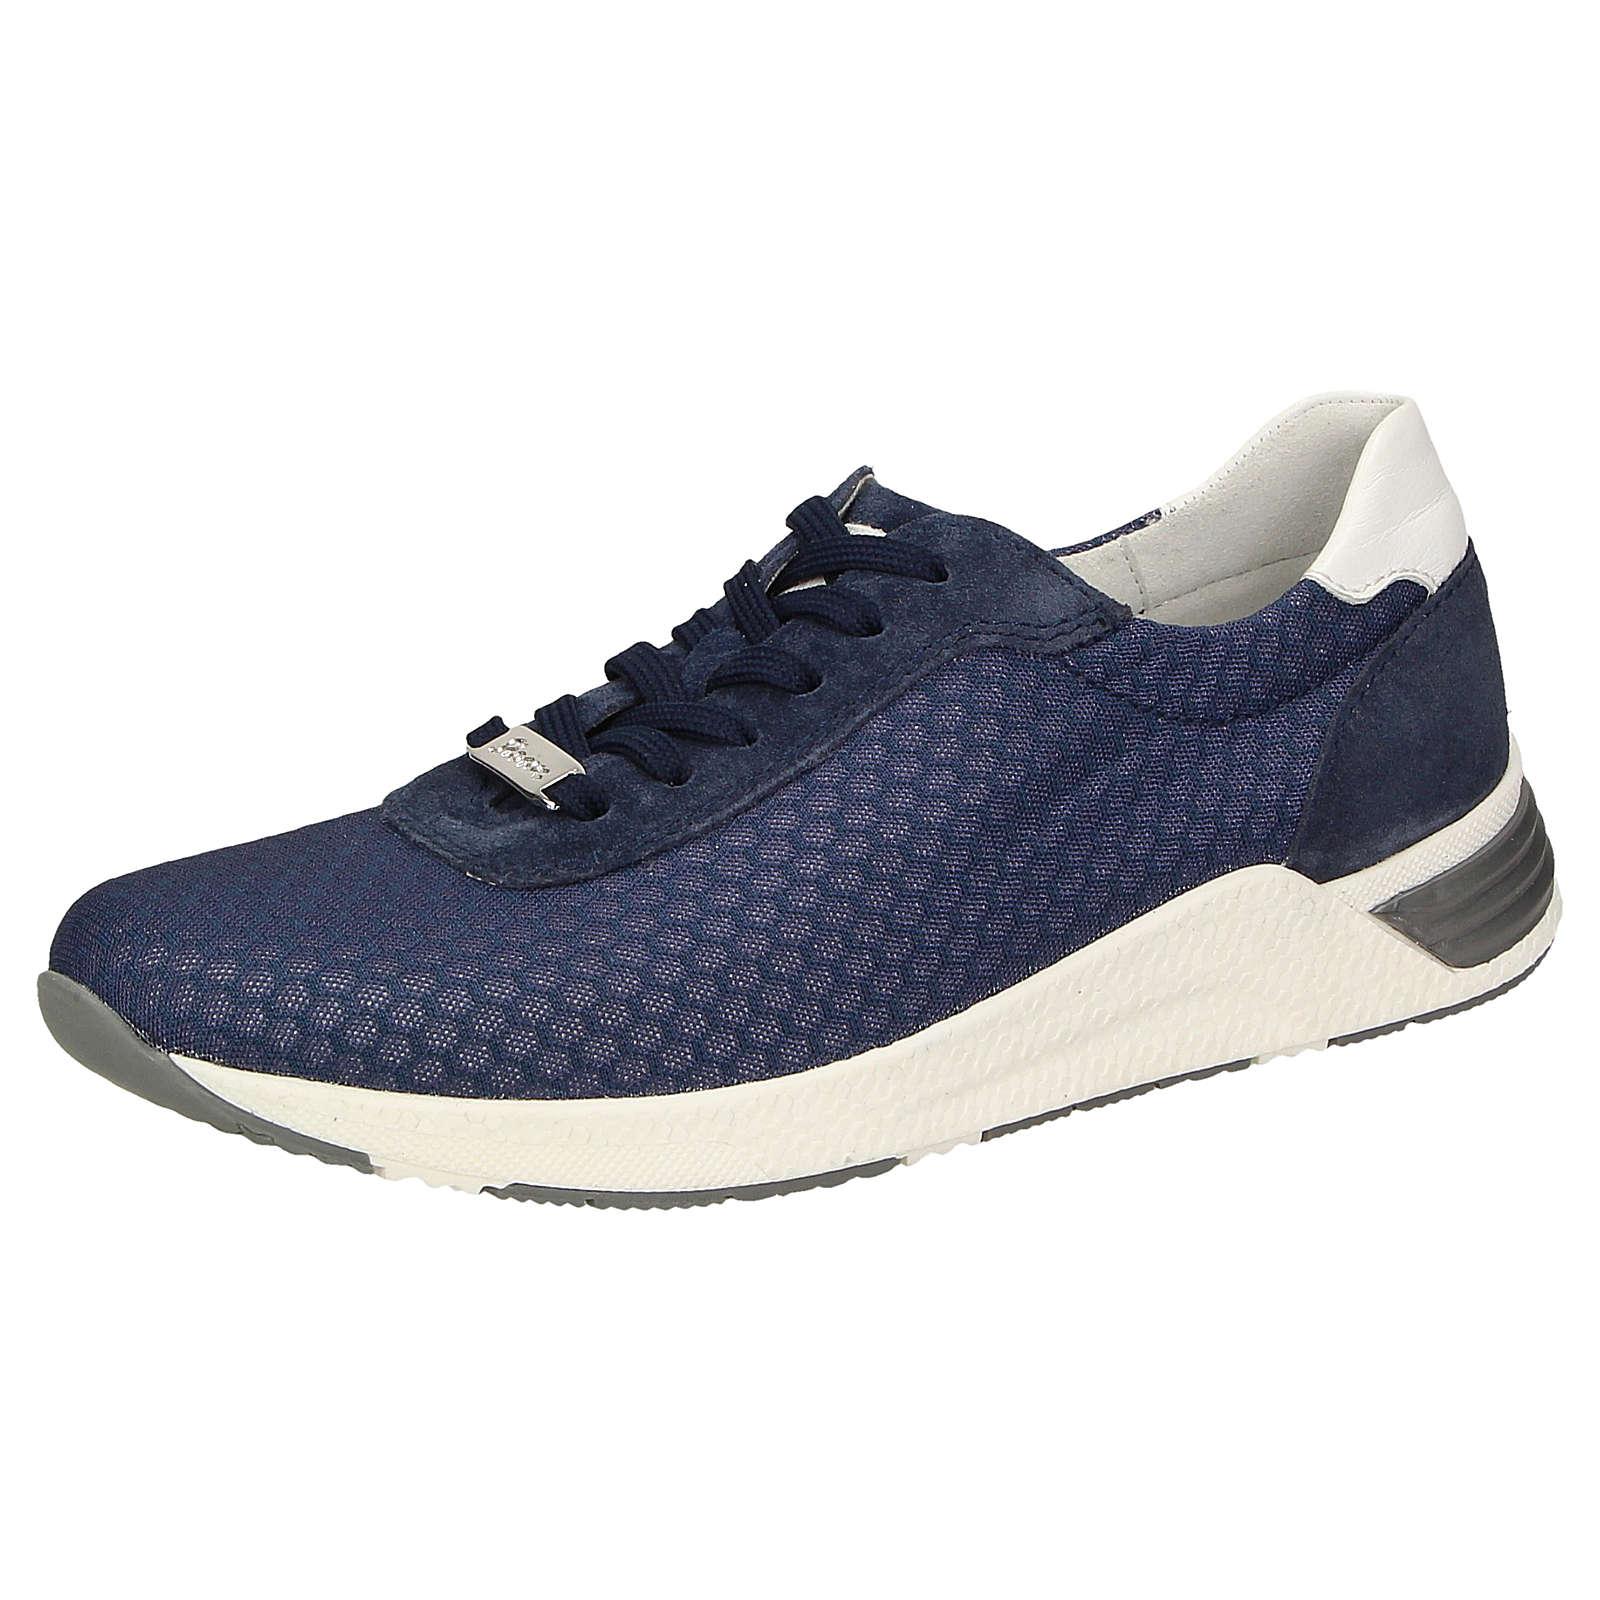 Sioux Sneaker Natovia-700 Sneakers Low blau Damen Gr. 35